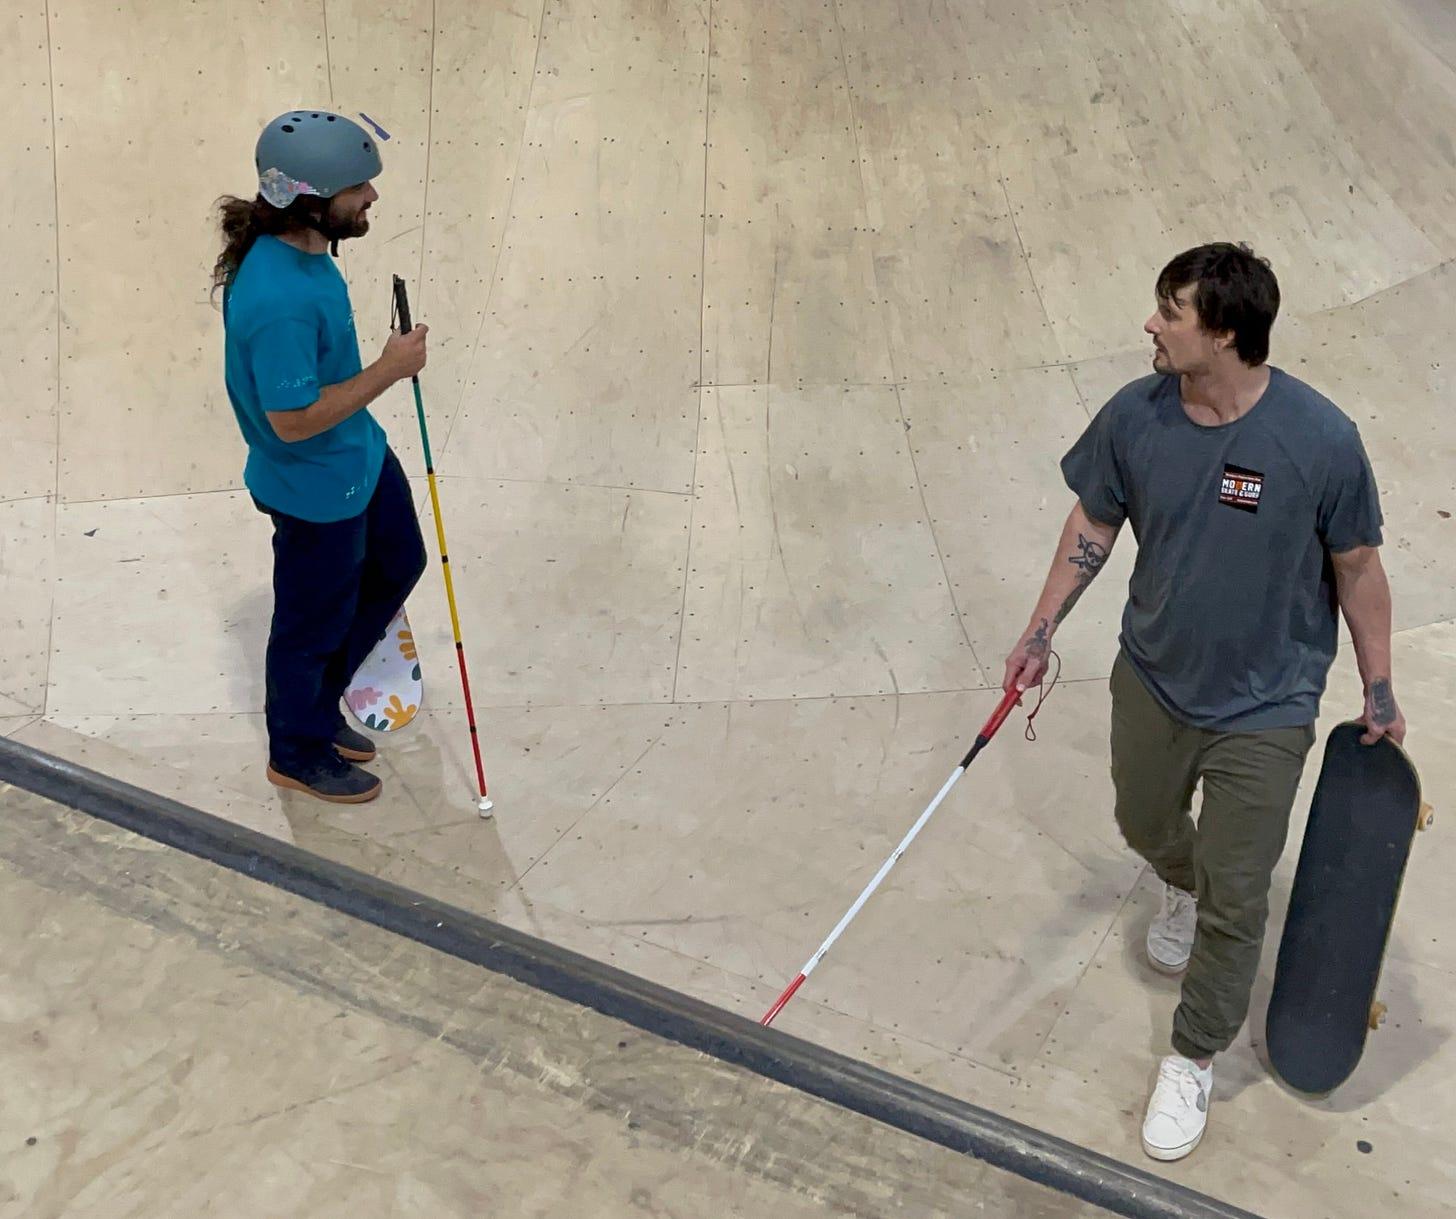 Blind Skater, Anthony Ferraro (left) learns how to navigate the bowl from Blind Skater, Nick Mullins at Modern Skate